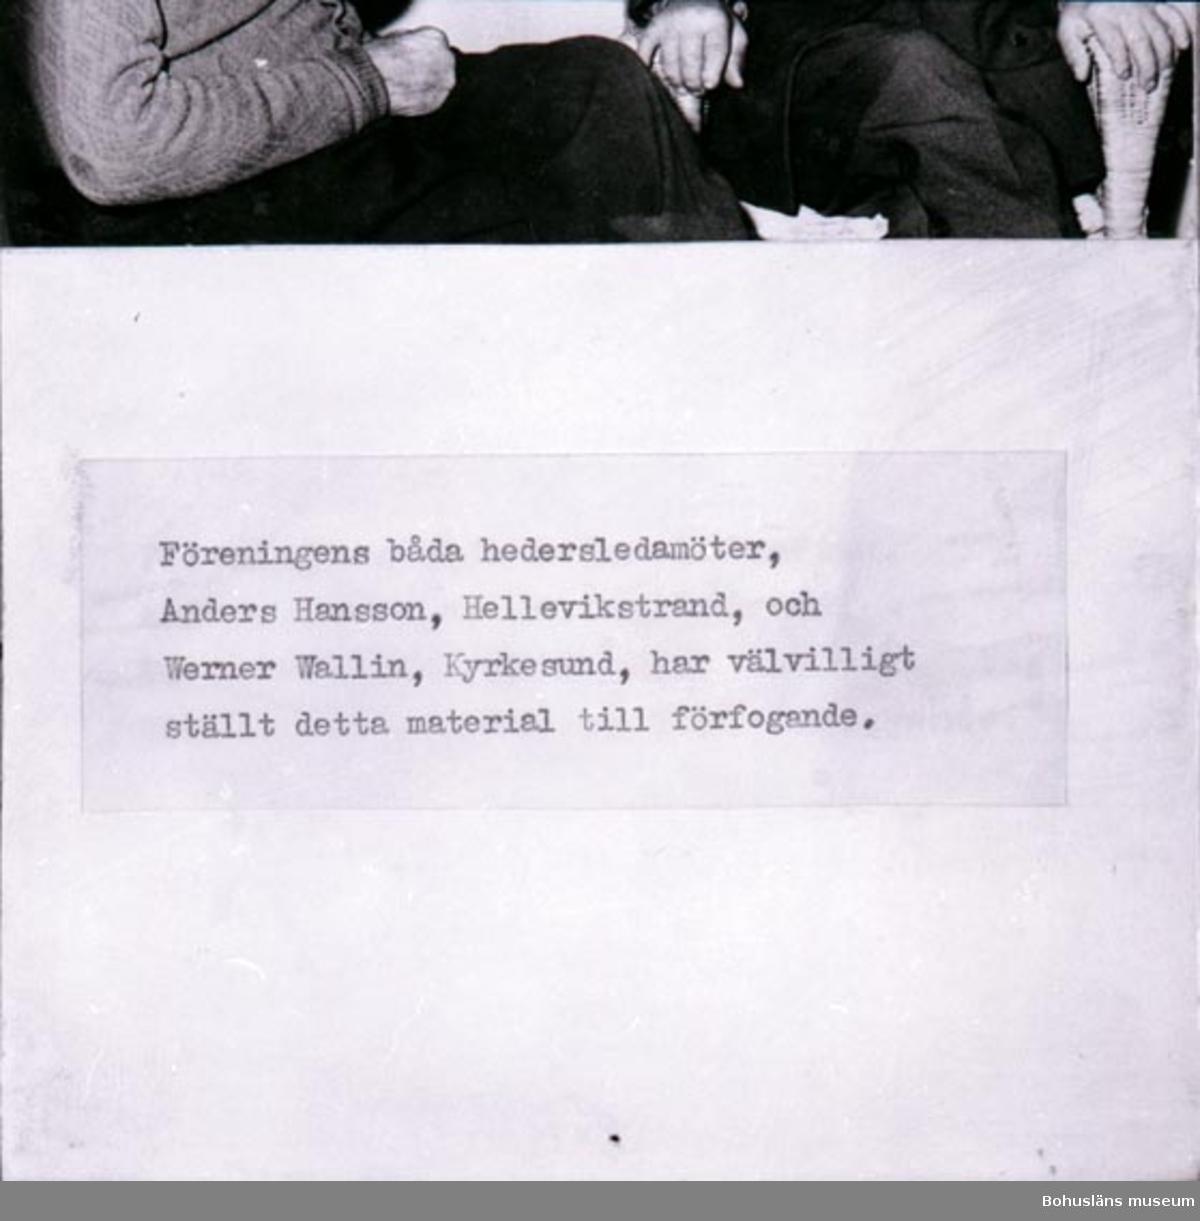 """Noteringar som medföljde bilden: """"Långaberedning. Franz Wittes och Co. i Lysekil. Pressbilder. Reprofotograferade från kopior hos Wittes i Lysekil. Gammal numrering R 56: R50-4. repro Film nr. på filmen 1-4.""""  Tryckt text: """"TEXT: """"Föreningens båda hedersledamöter Anders Hansson, Hellevikstrand och Werner Wallin, Kyrkesund, har välvilligt ställt detta material till förfogande.""""   Det finns 1likadant repronegativ."""